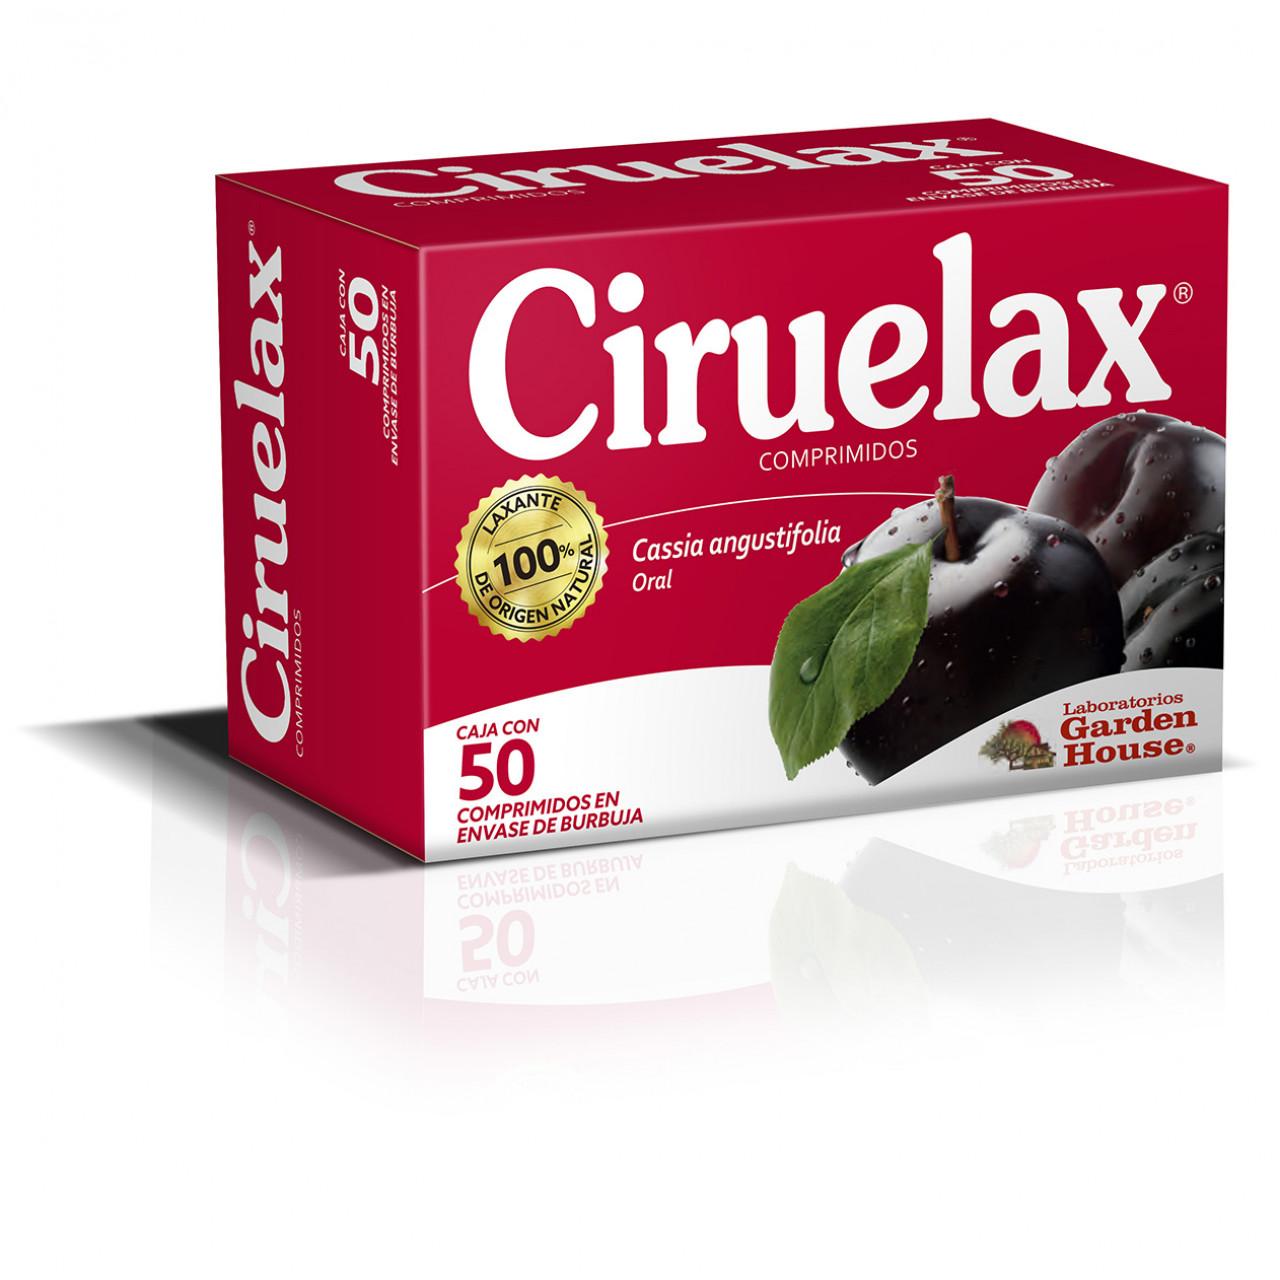 Comprar Ciruelax Comp 1 Blister